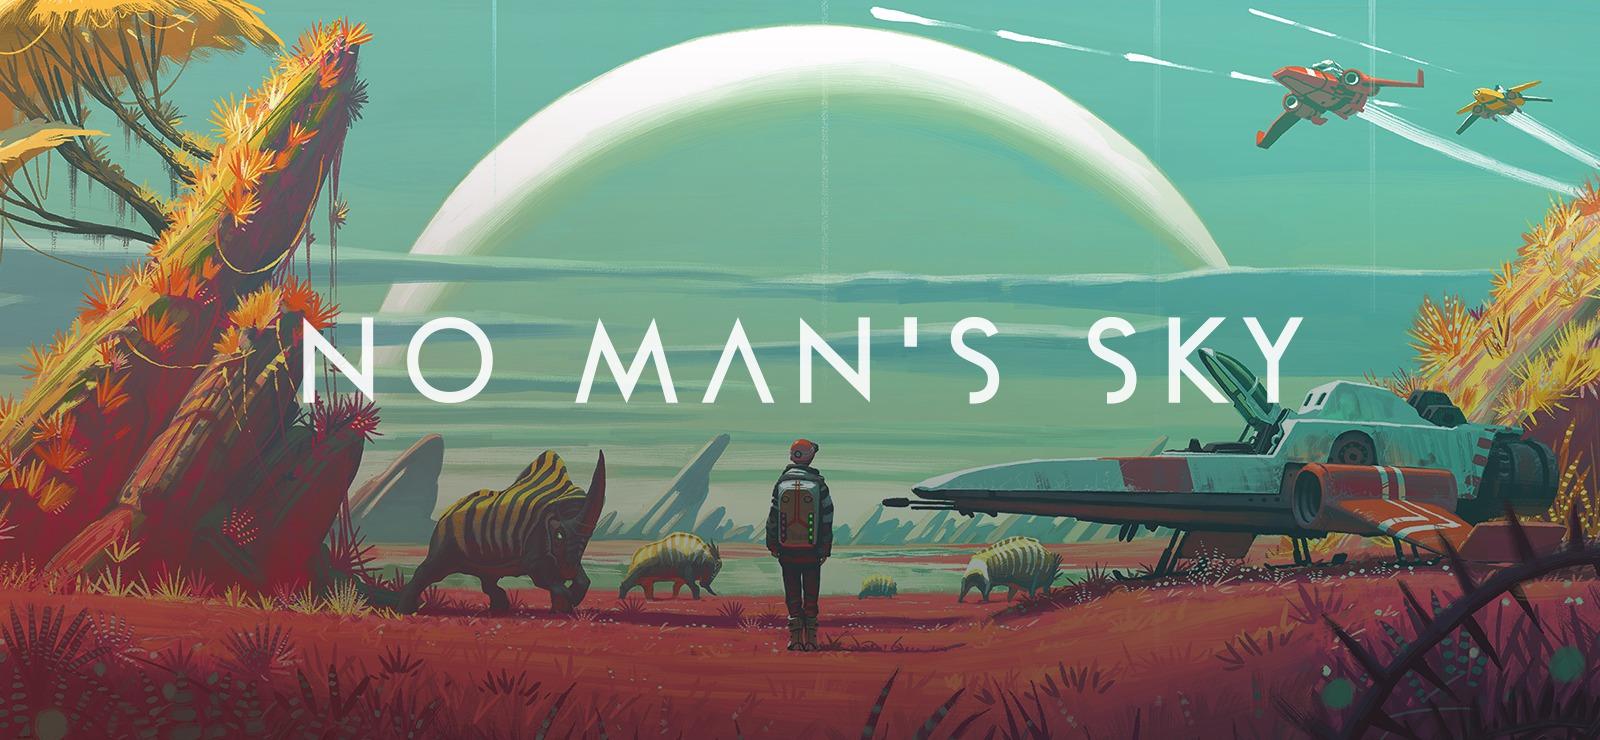 """Kosmos taki wielki, wow, czyli krótko o grze """"No Man's Sky"""""""